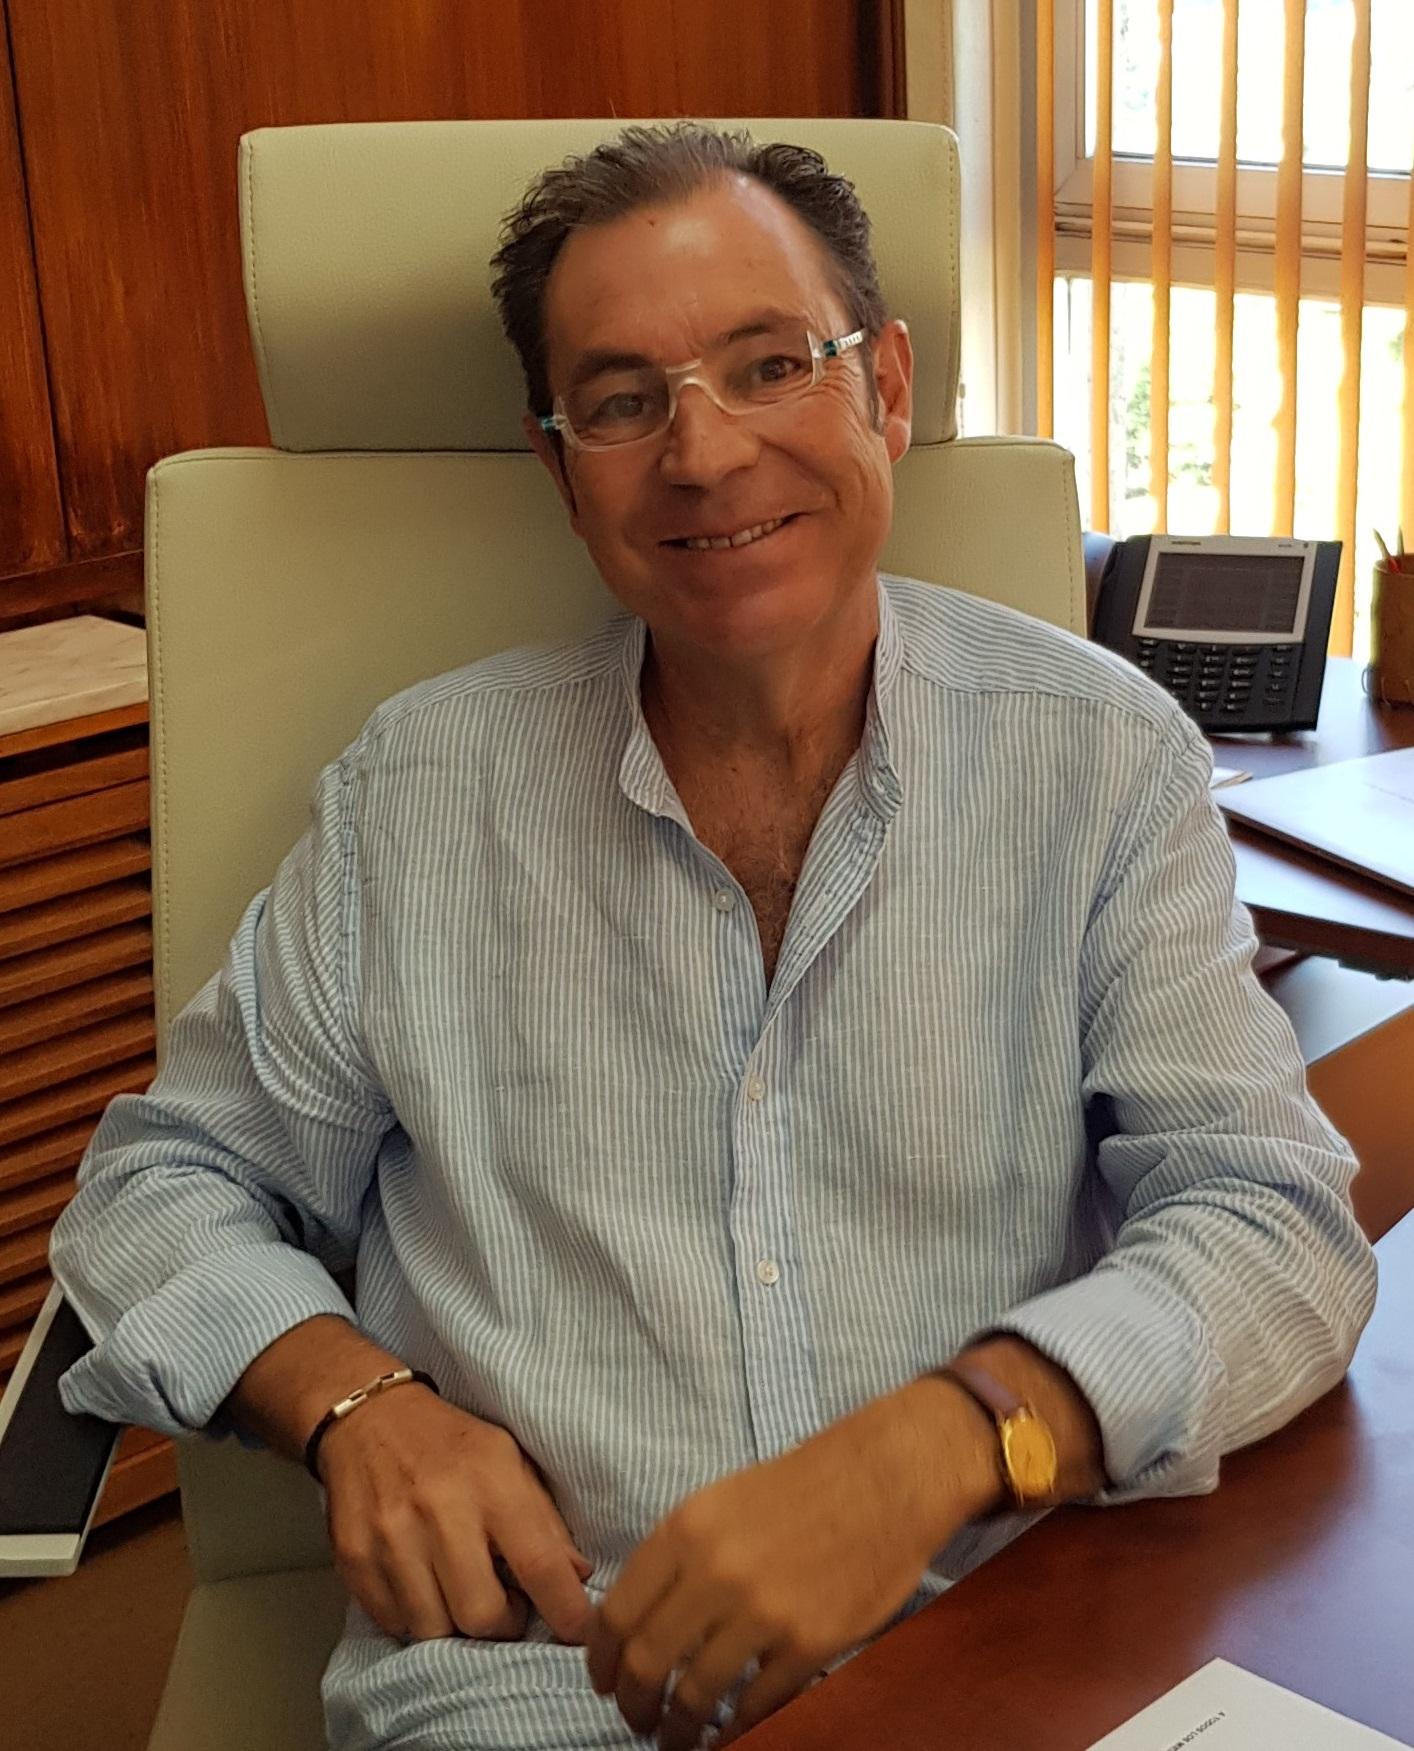 Cristóbal Pareja Flores